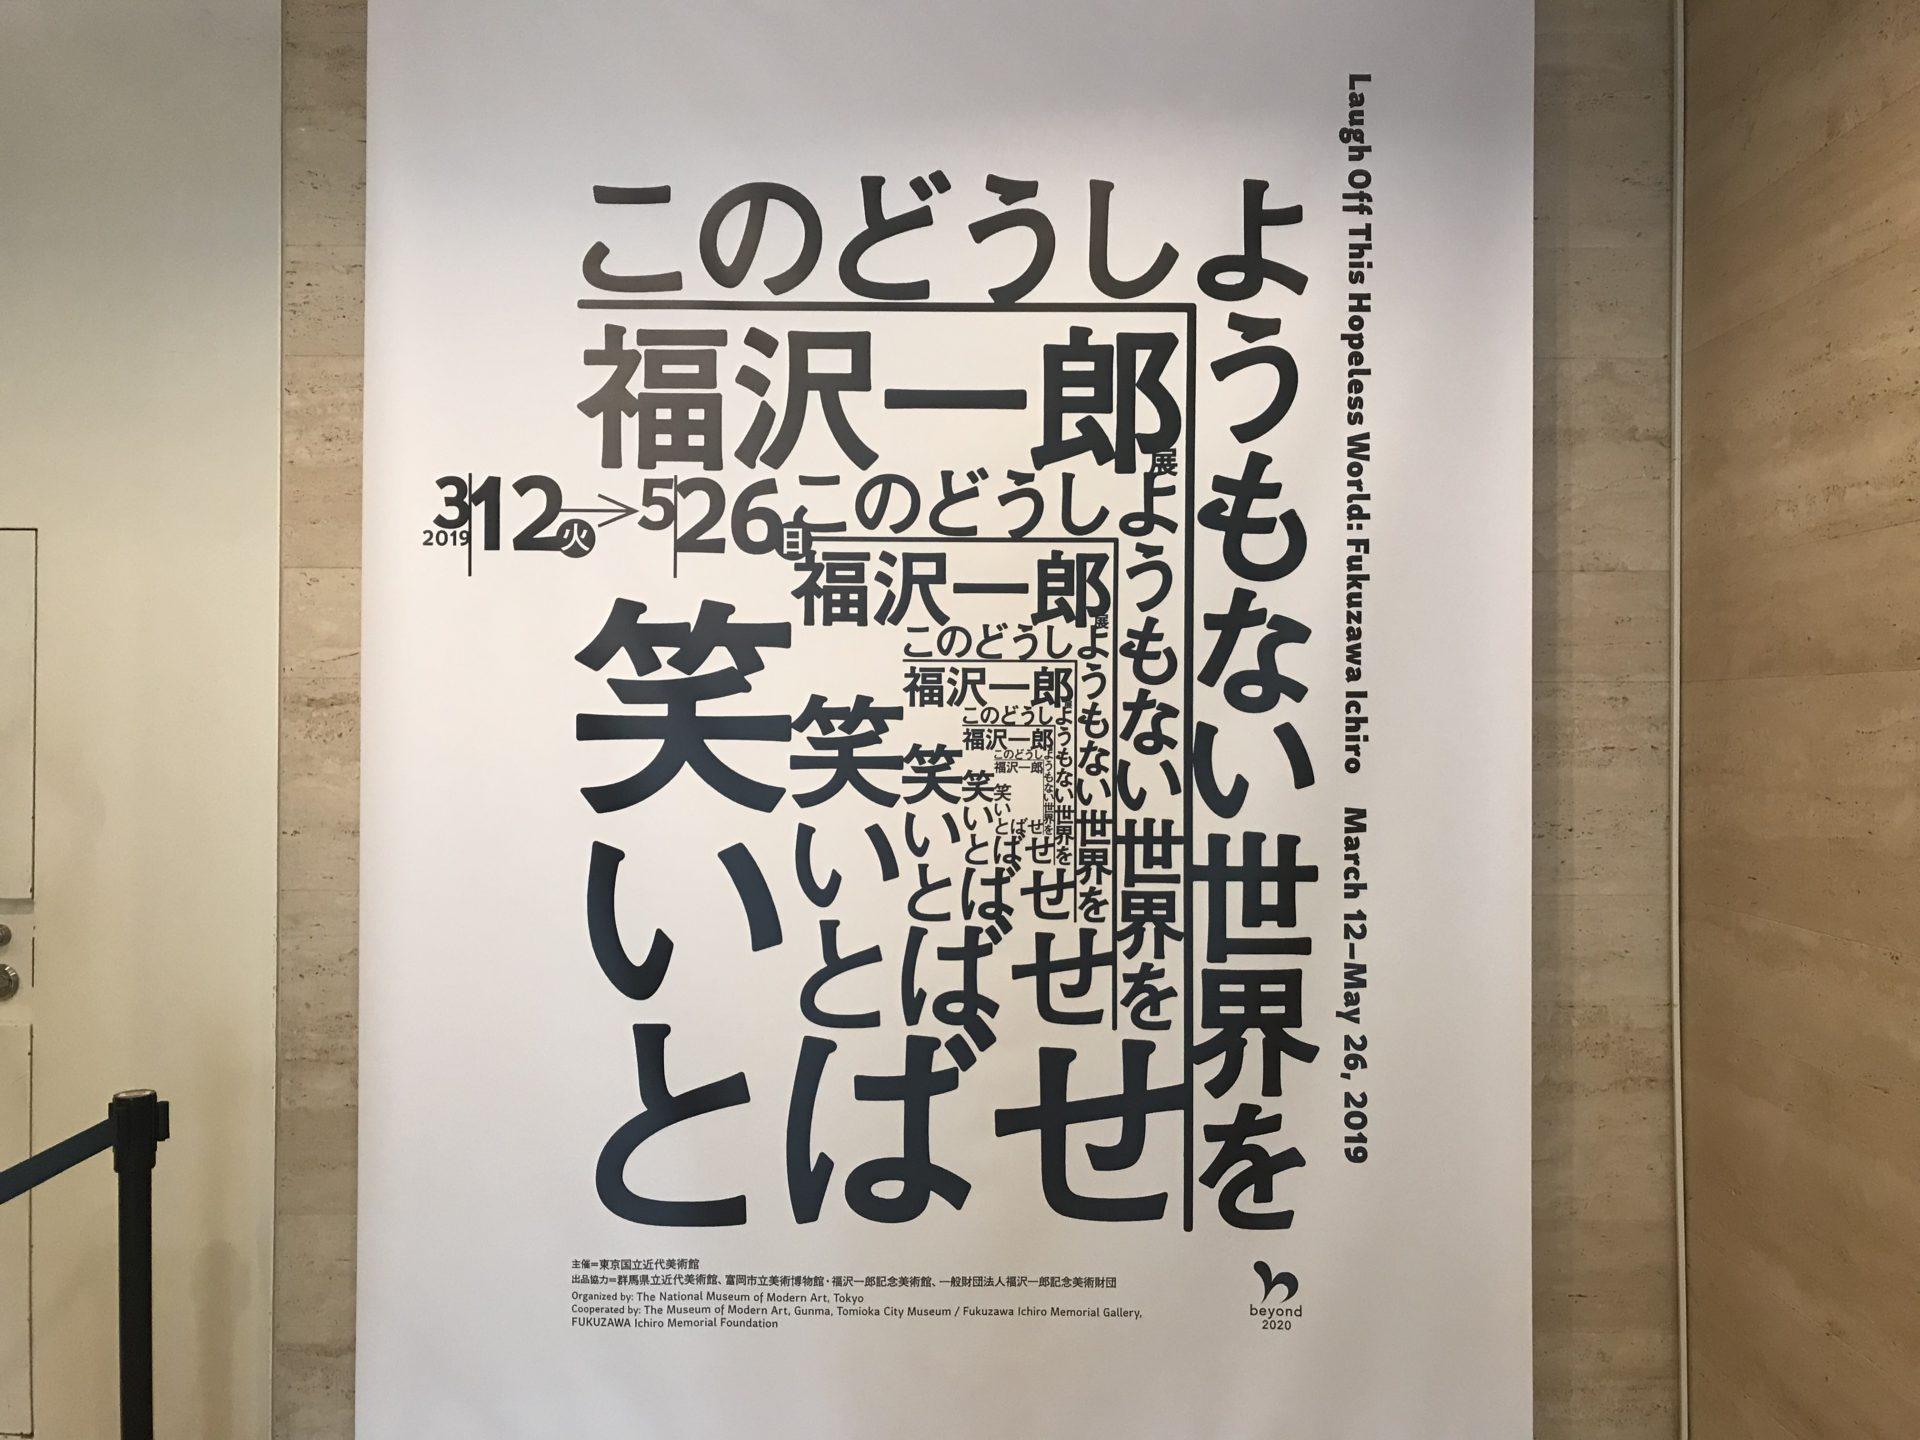 2019年 東京国立近代美術館「福沢一郎展」